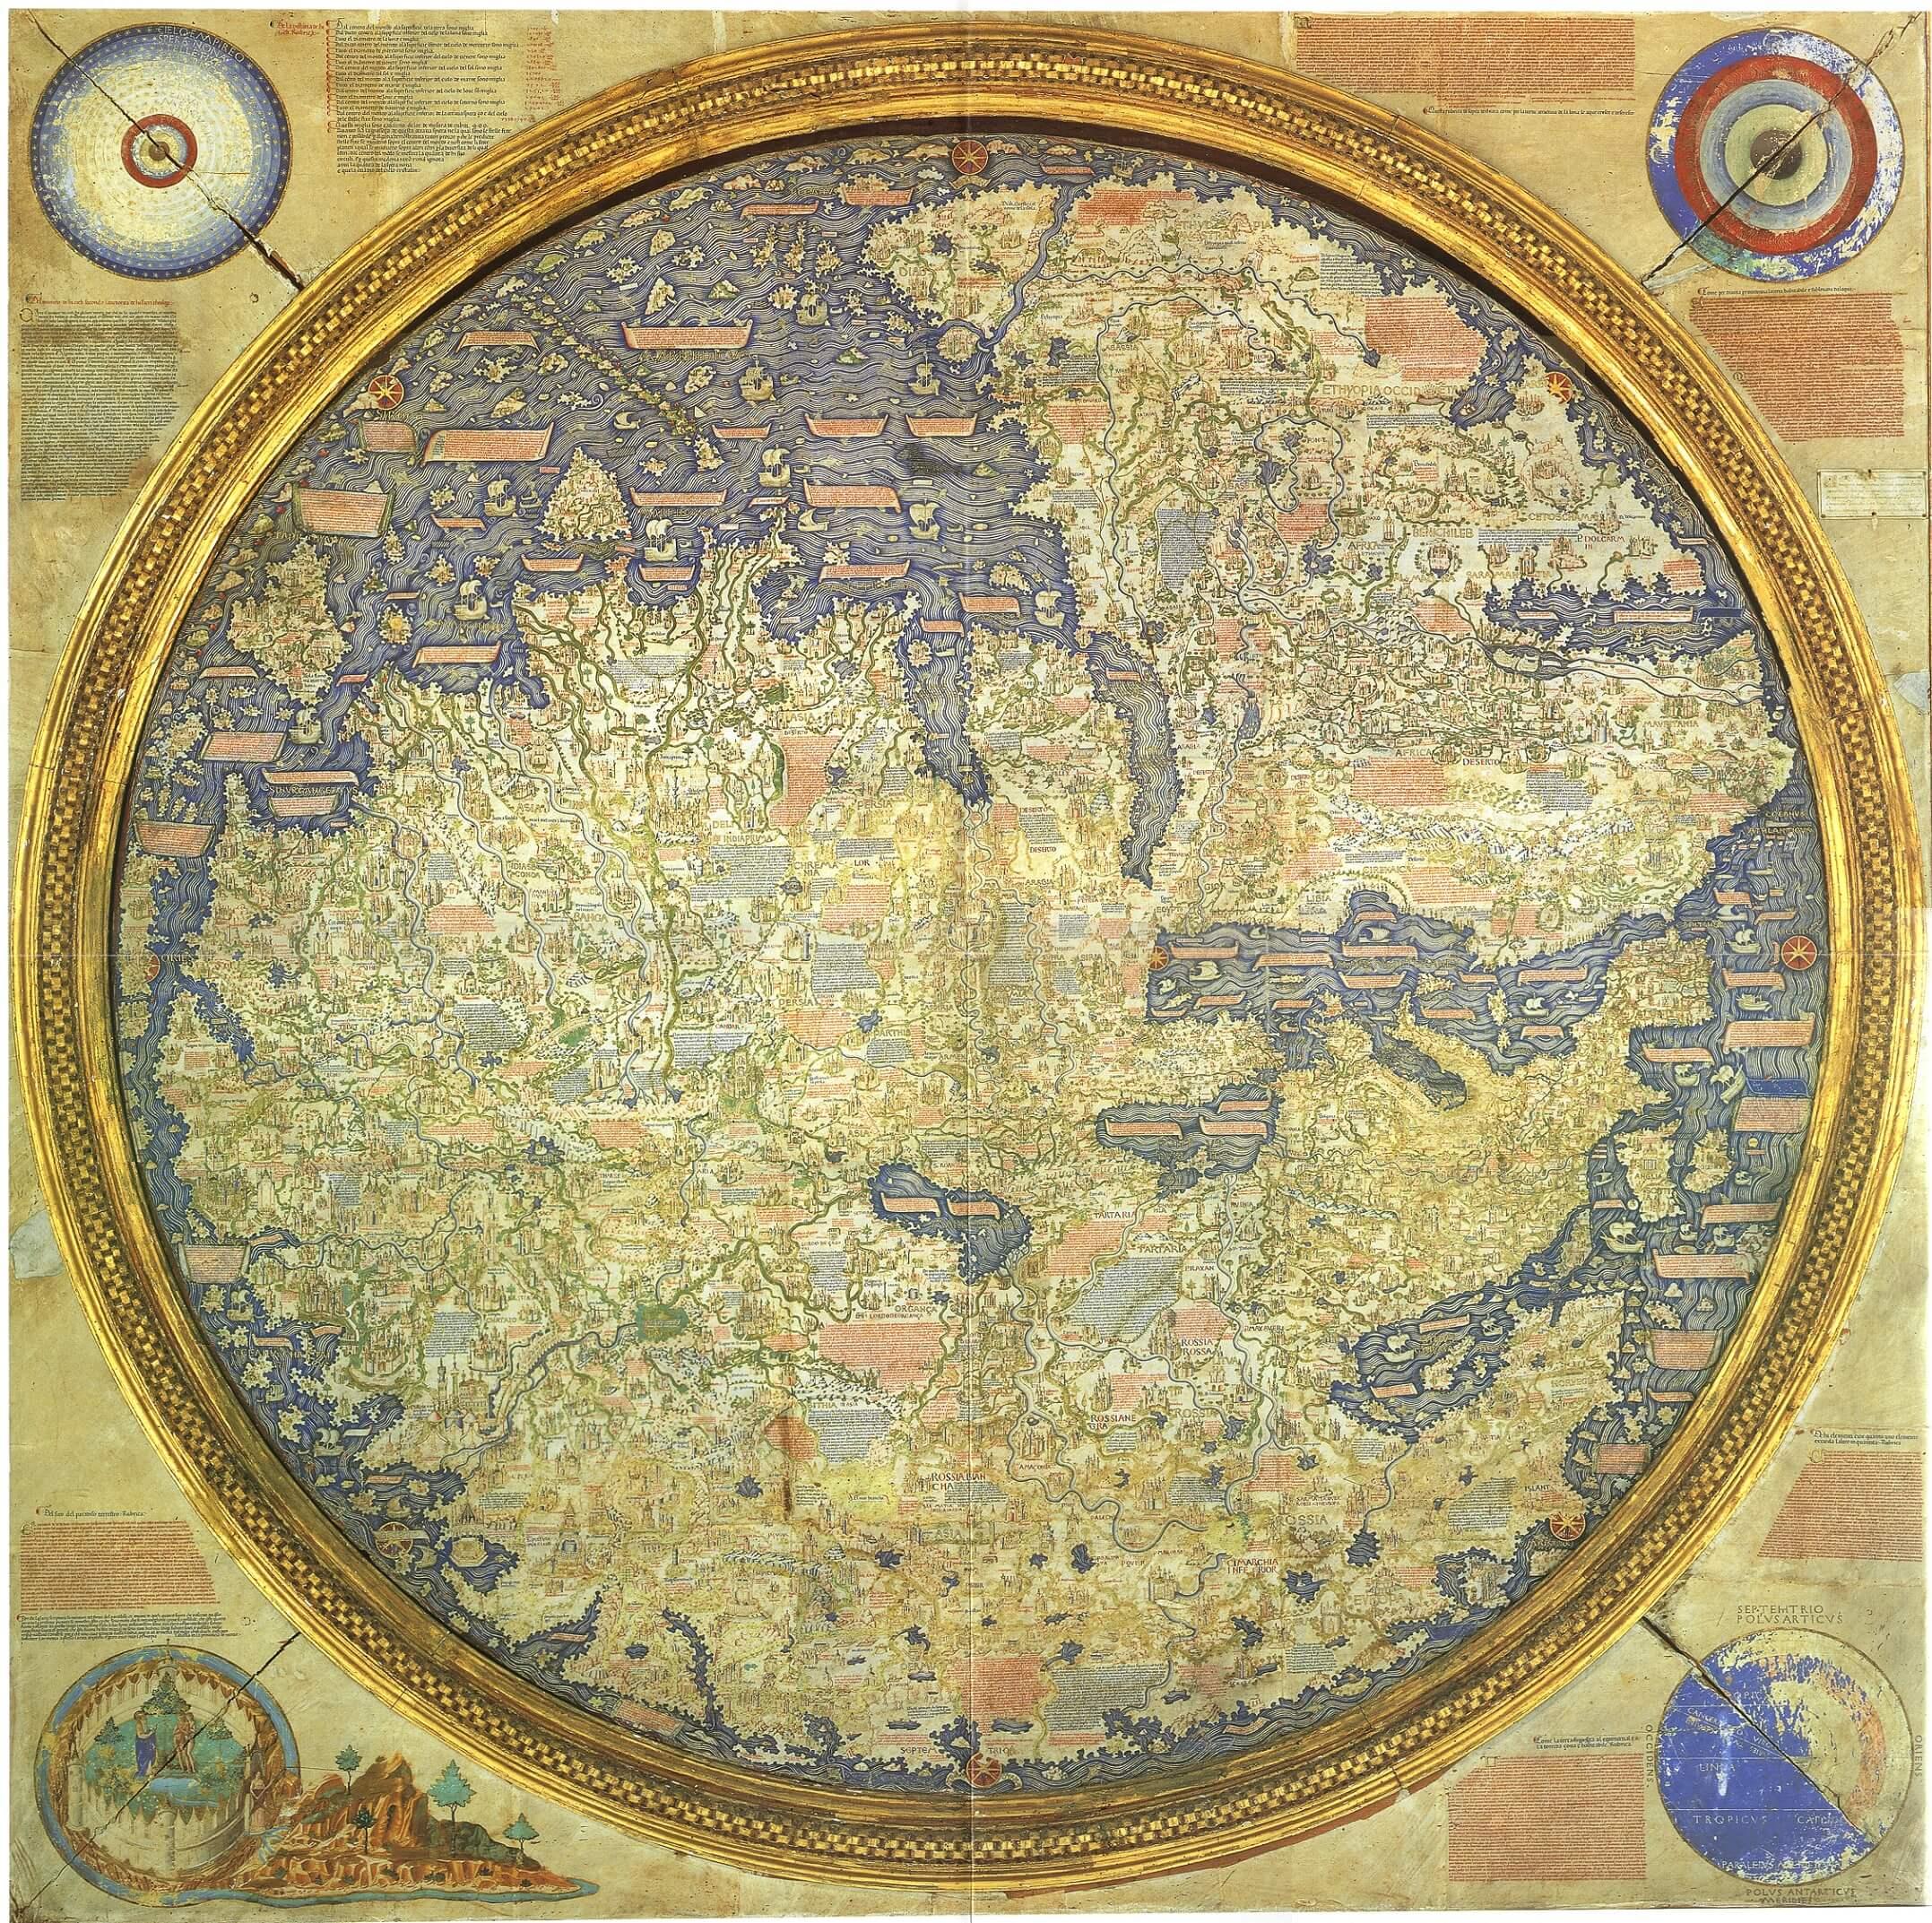 Il mappamondo di Fra Mauro, un planisfero del 1460